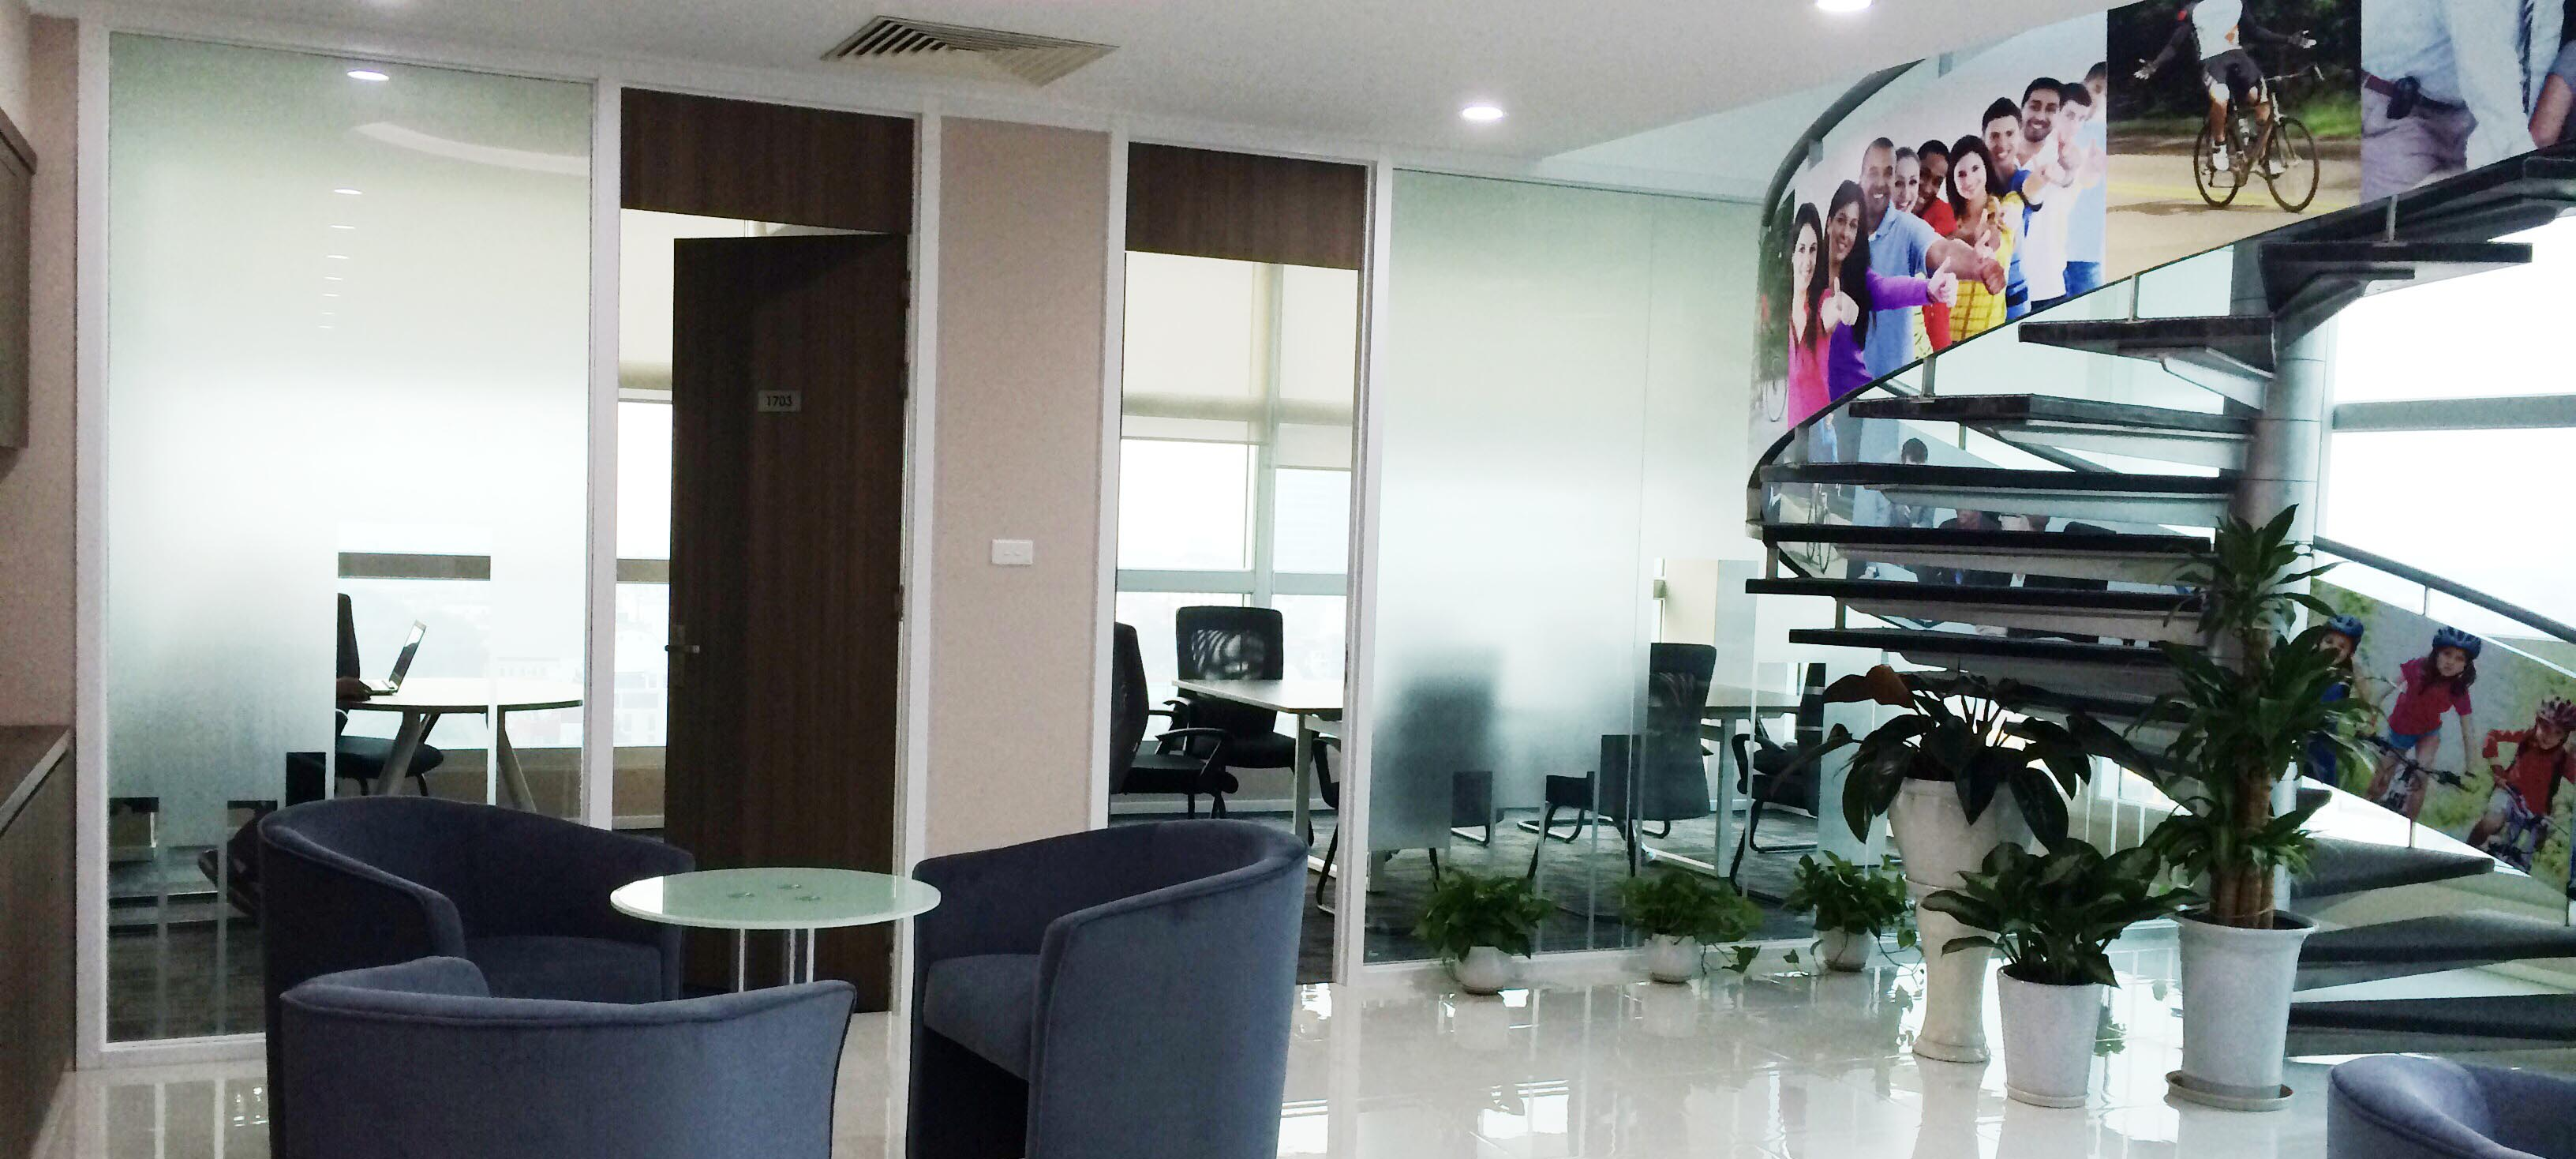 Thuê phòng họp tại Hà Nội ở đâu đẹp và tốt nhất?3